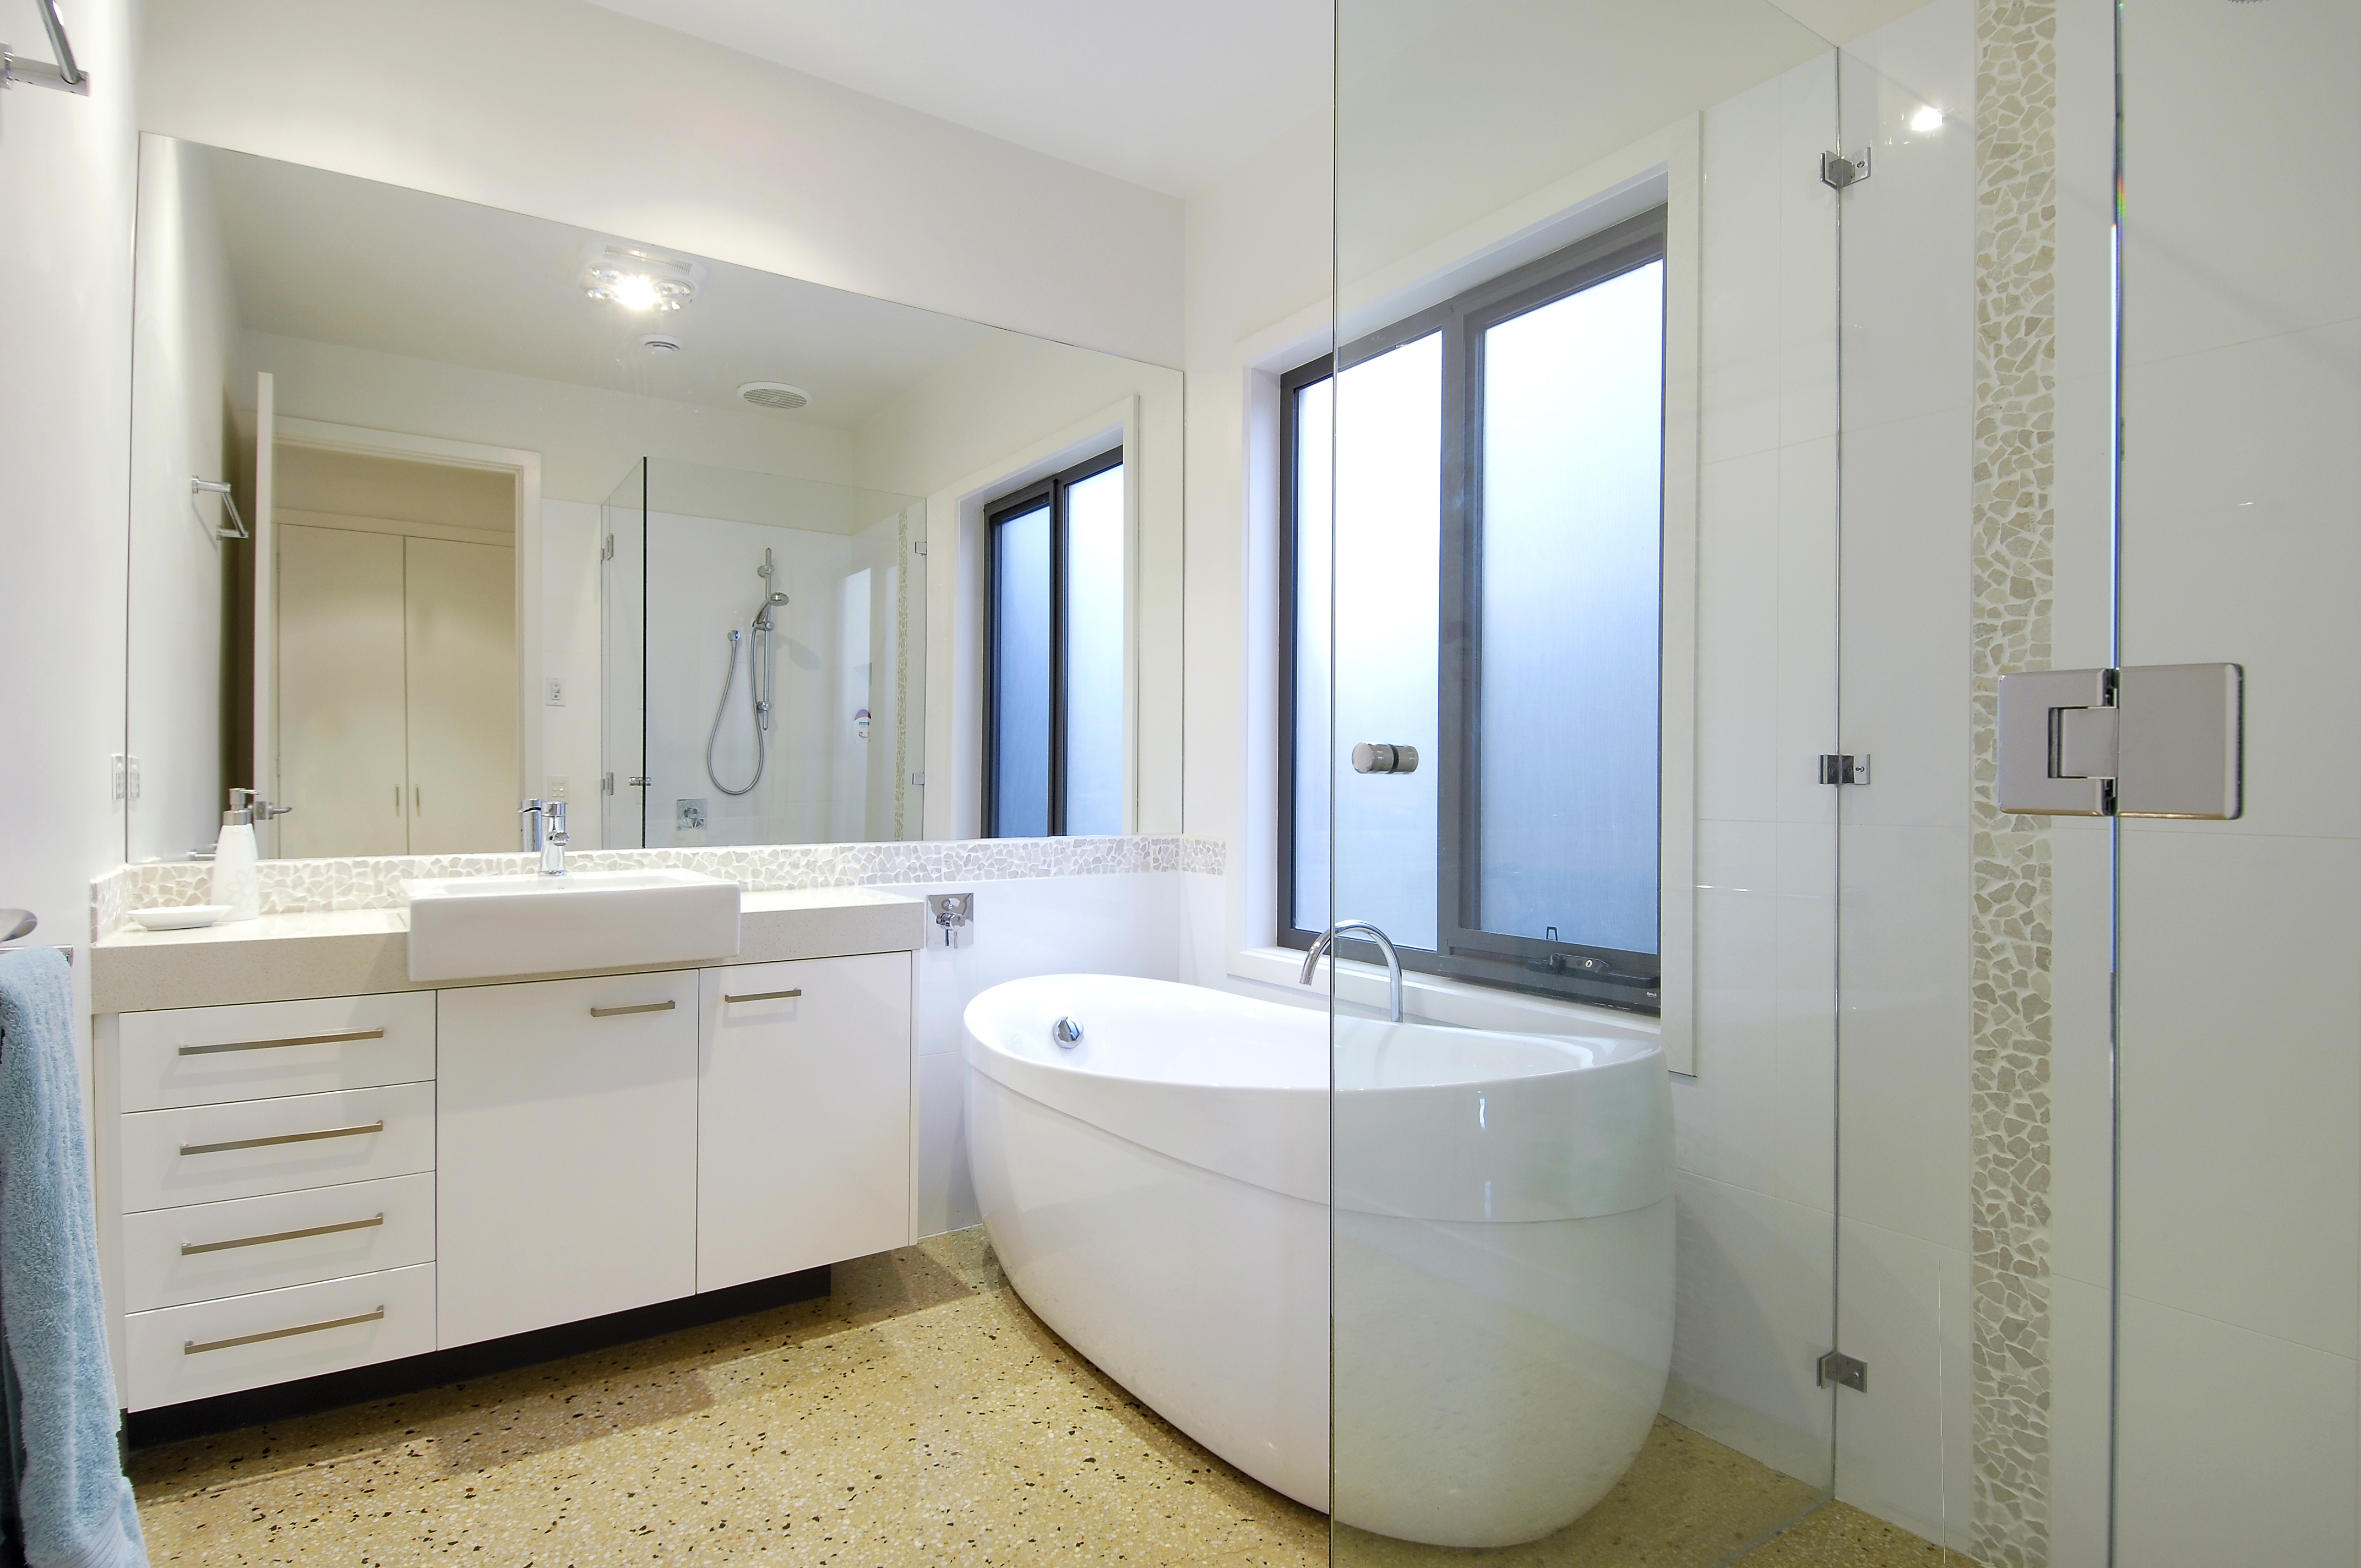 Bathroom ideas, ICM Geelong - ICM Geelong